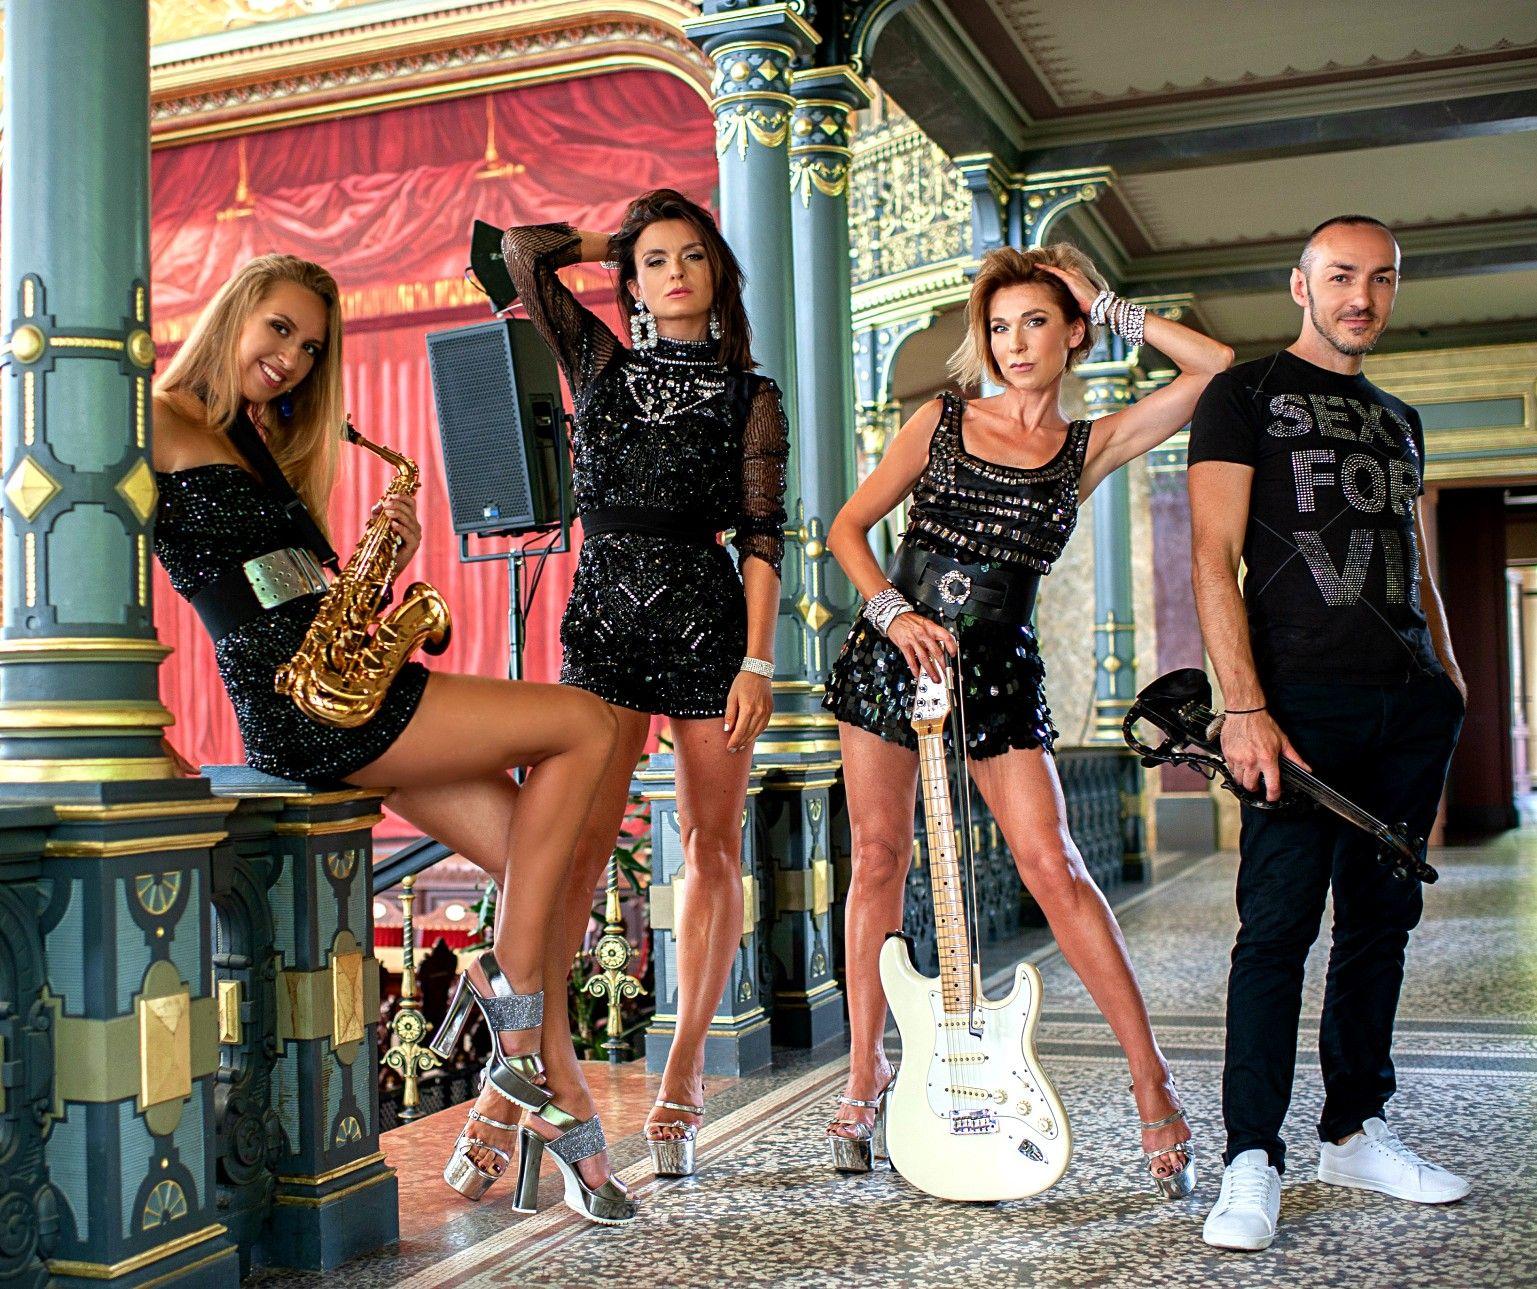 Showbandadrenalin Russischehochzeit Russwedding Saxplayer Geigeshow Musikband Partyband Hochzeit Hochzeitsband Adrenalinband C Veranstaltung Feier Saxophon